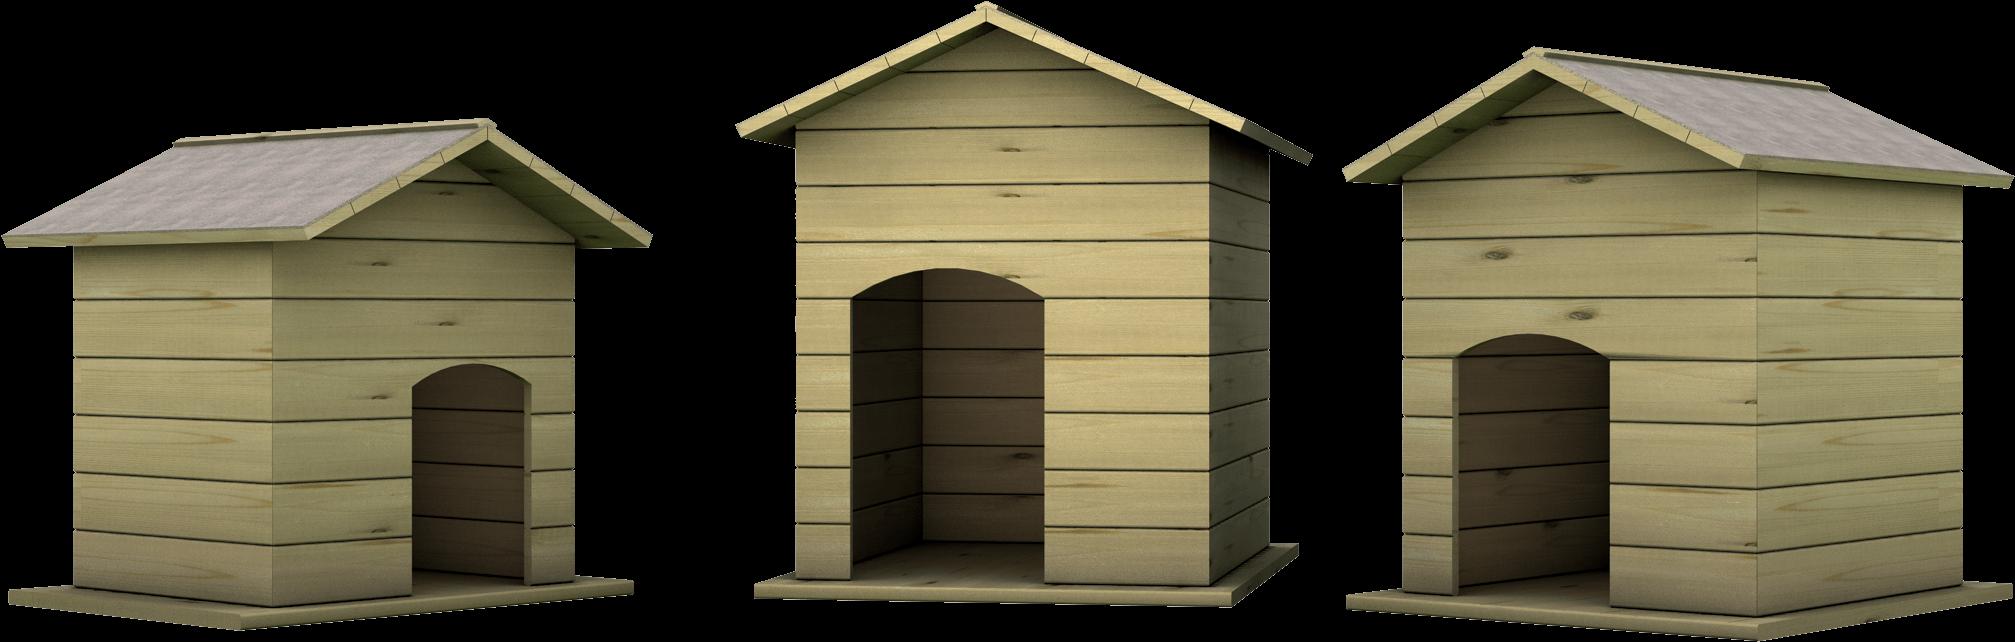 Cuccia per animali in legno di pino nordico impregnato o larice realizzato da Linea Montanalegno - ILT